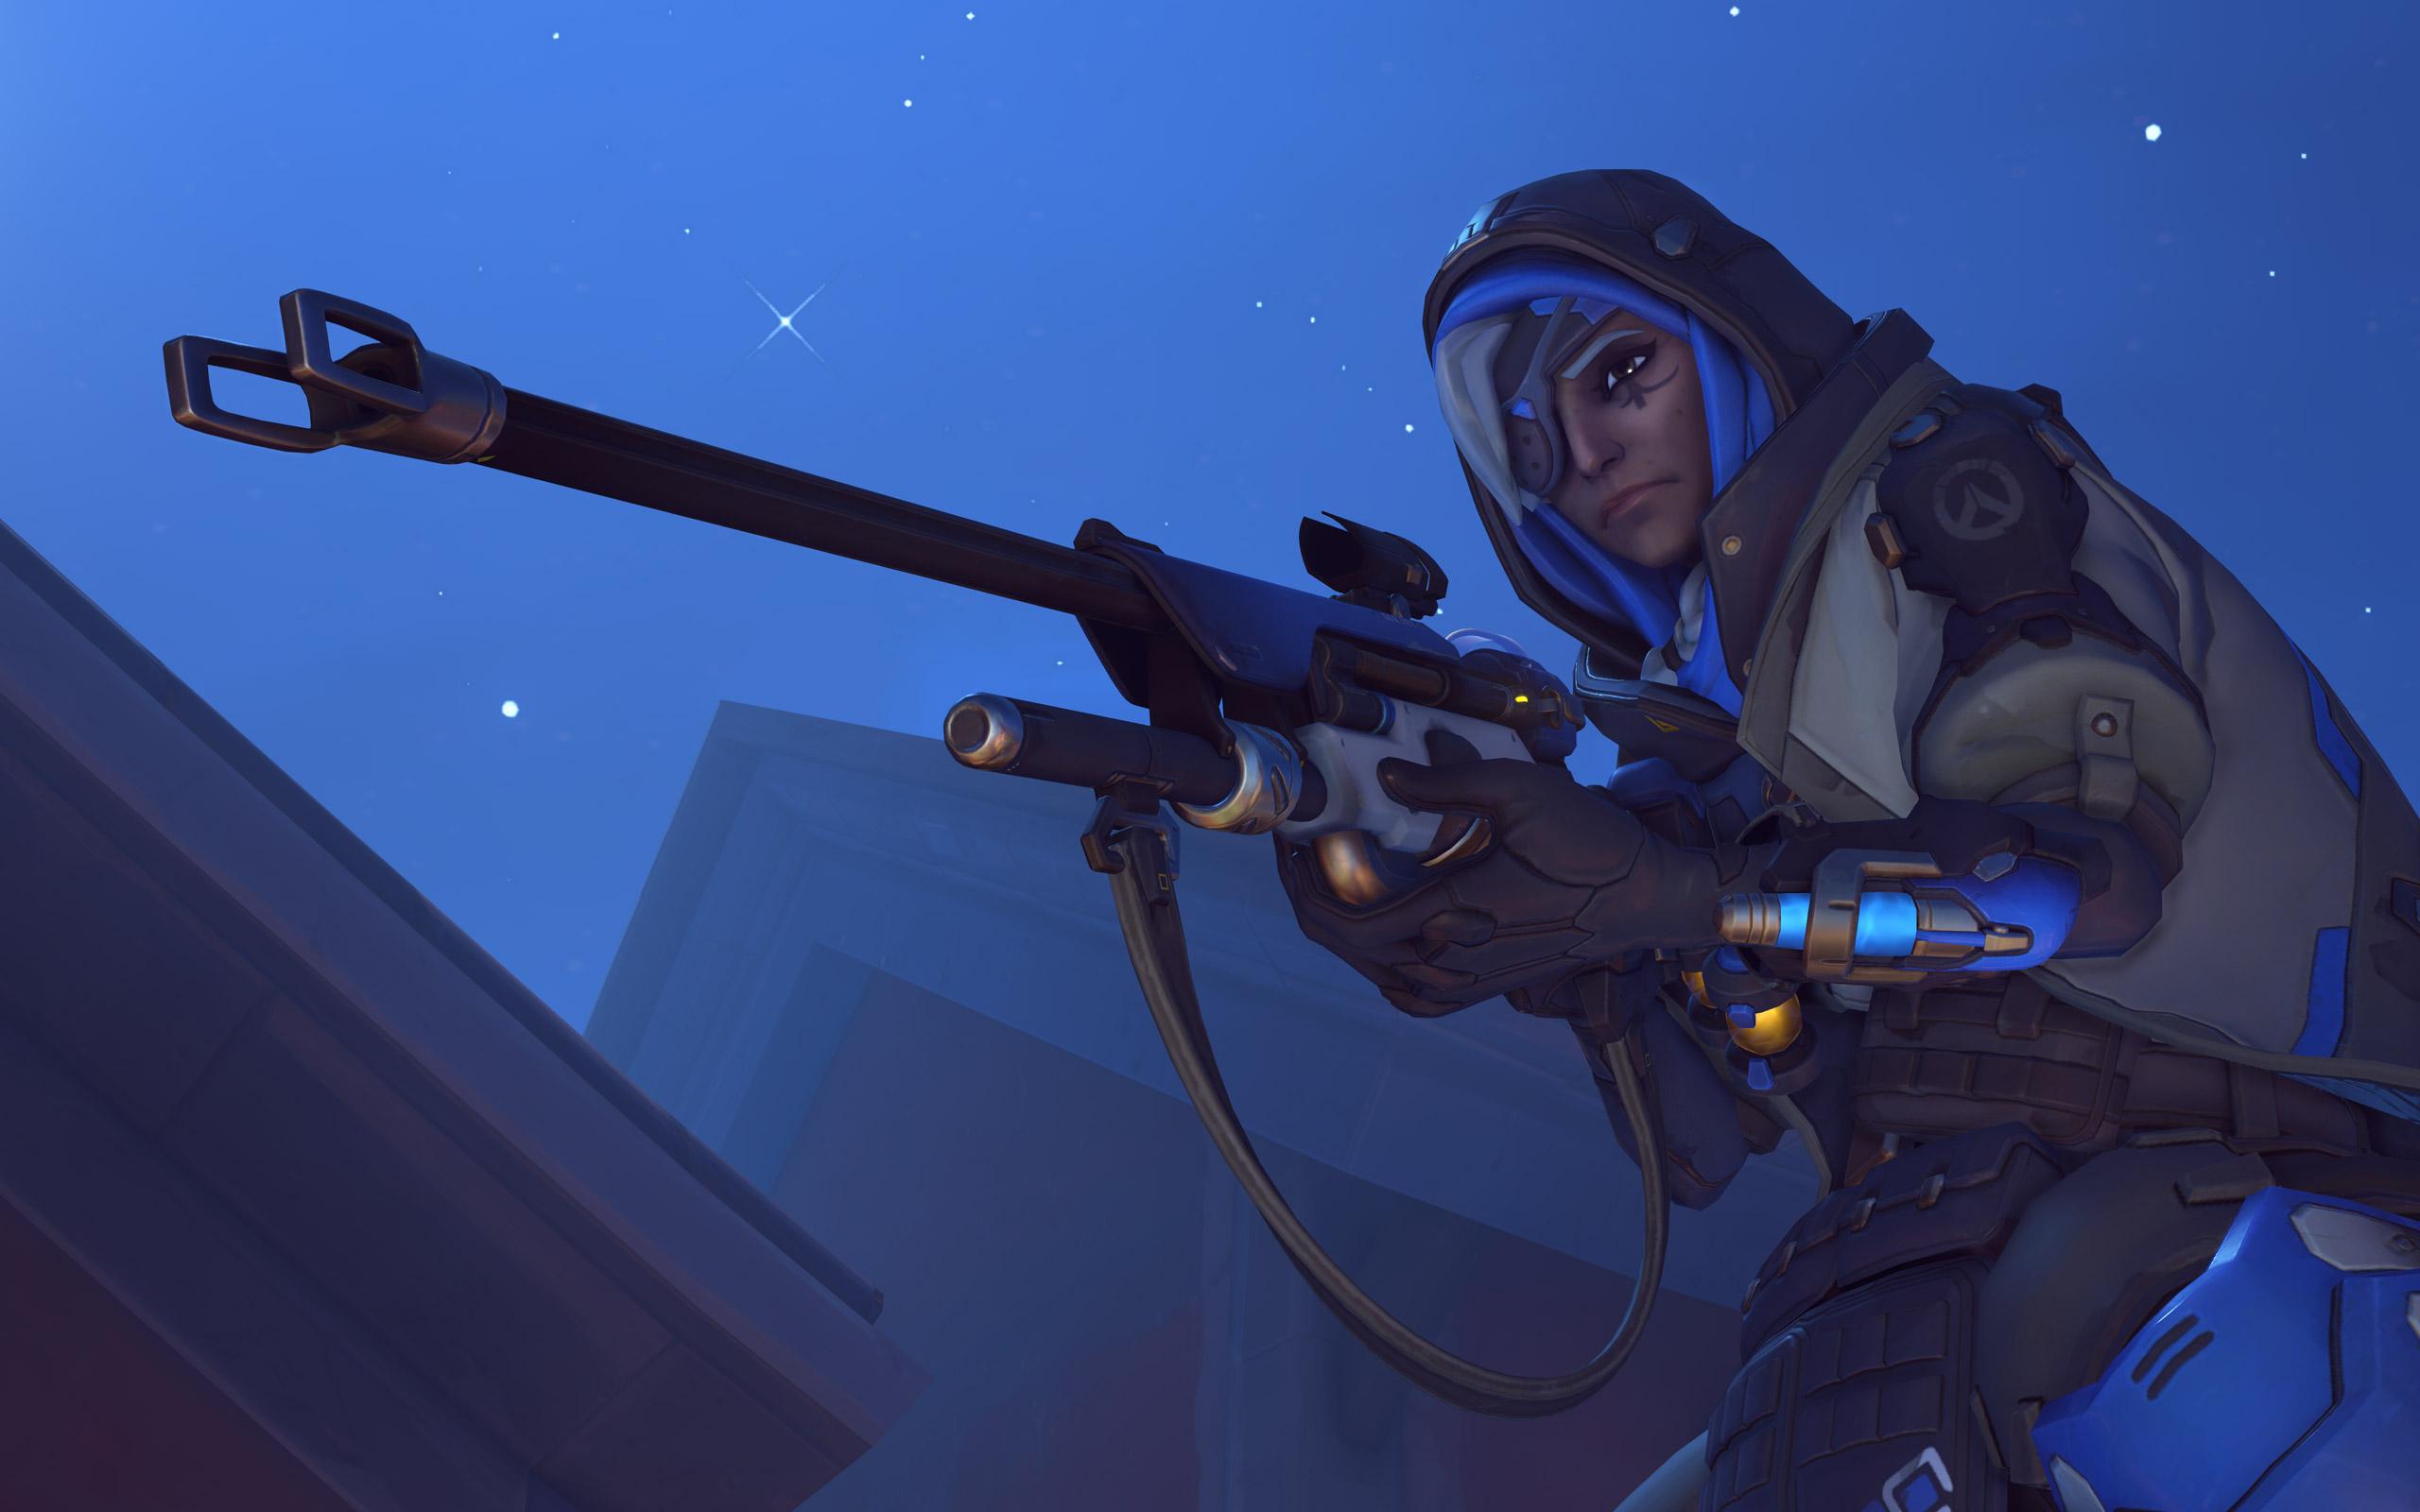 Ana Overwatch hero support5